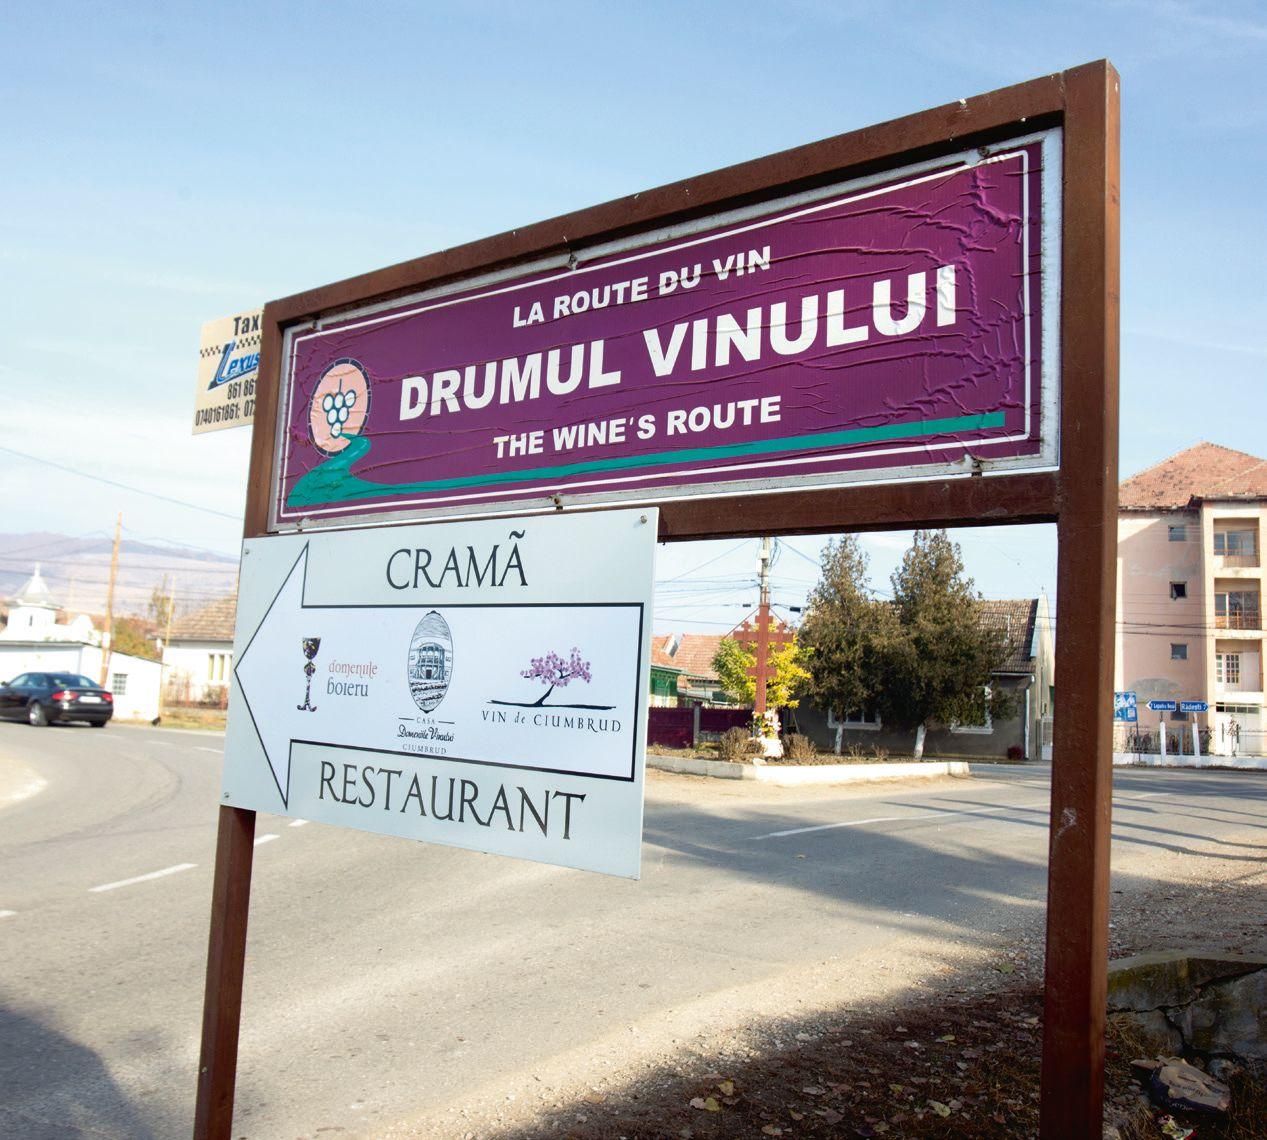 """La intrarea în Ciumbrud o tăbliţă te informează că te afli pe """"Drumul Vinului""""."""